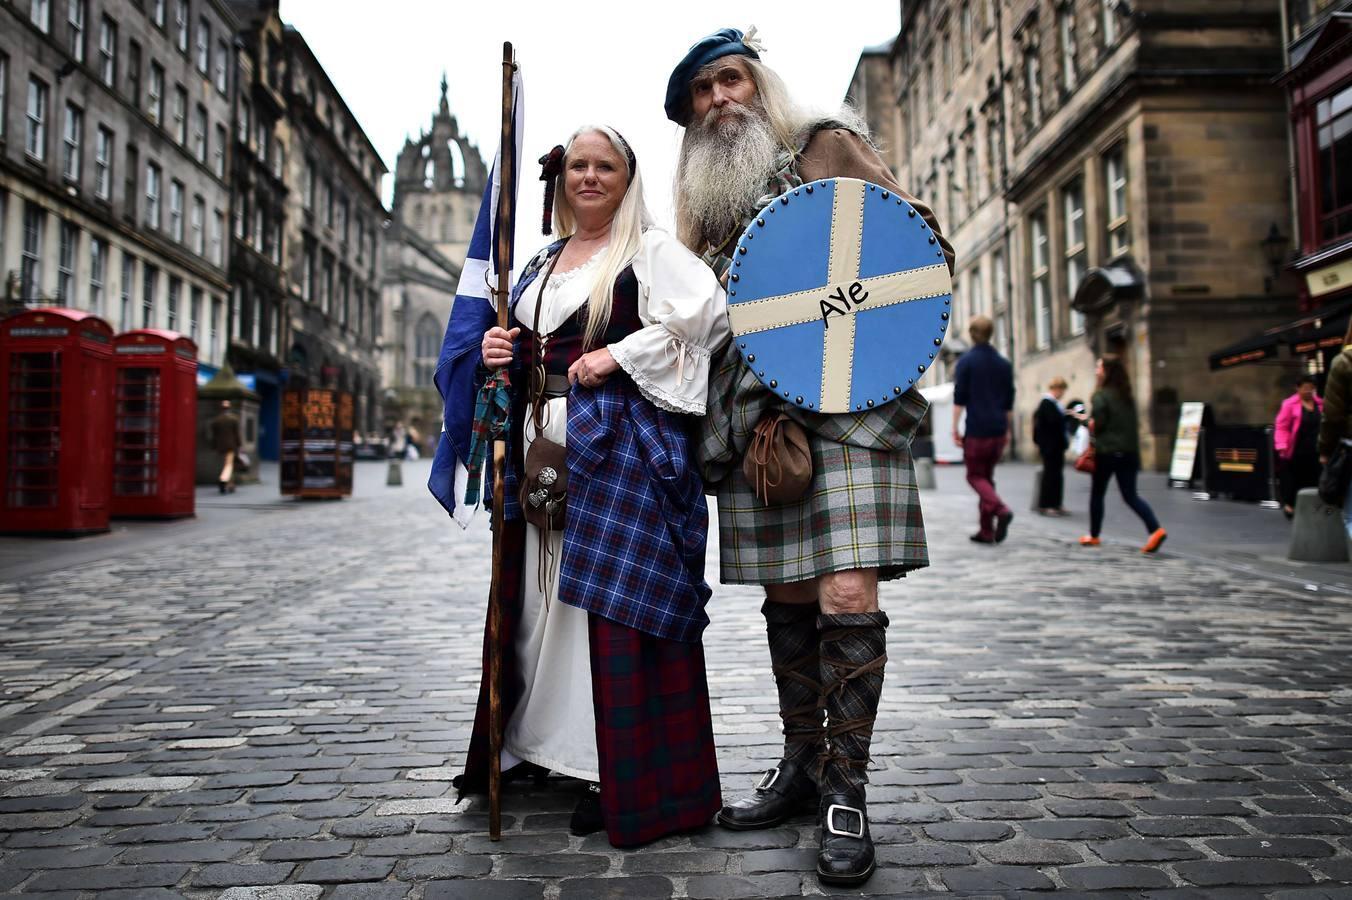 Las mejores imágenes de la campaña por el referéndum en Escocia